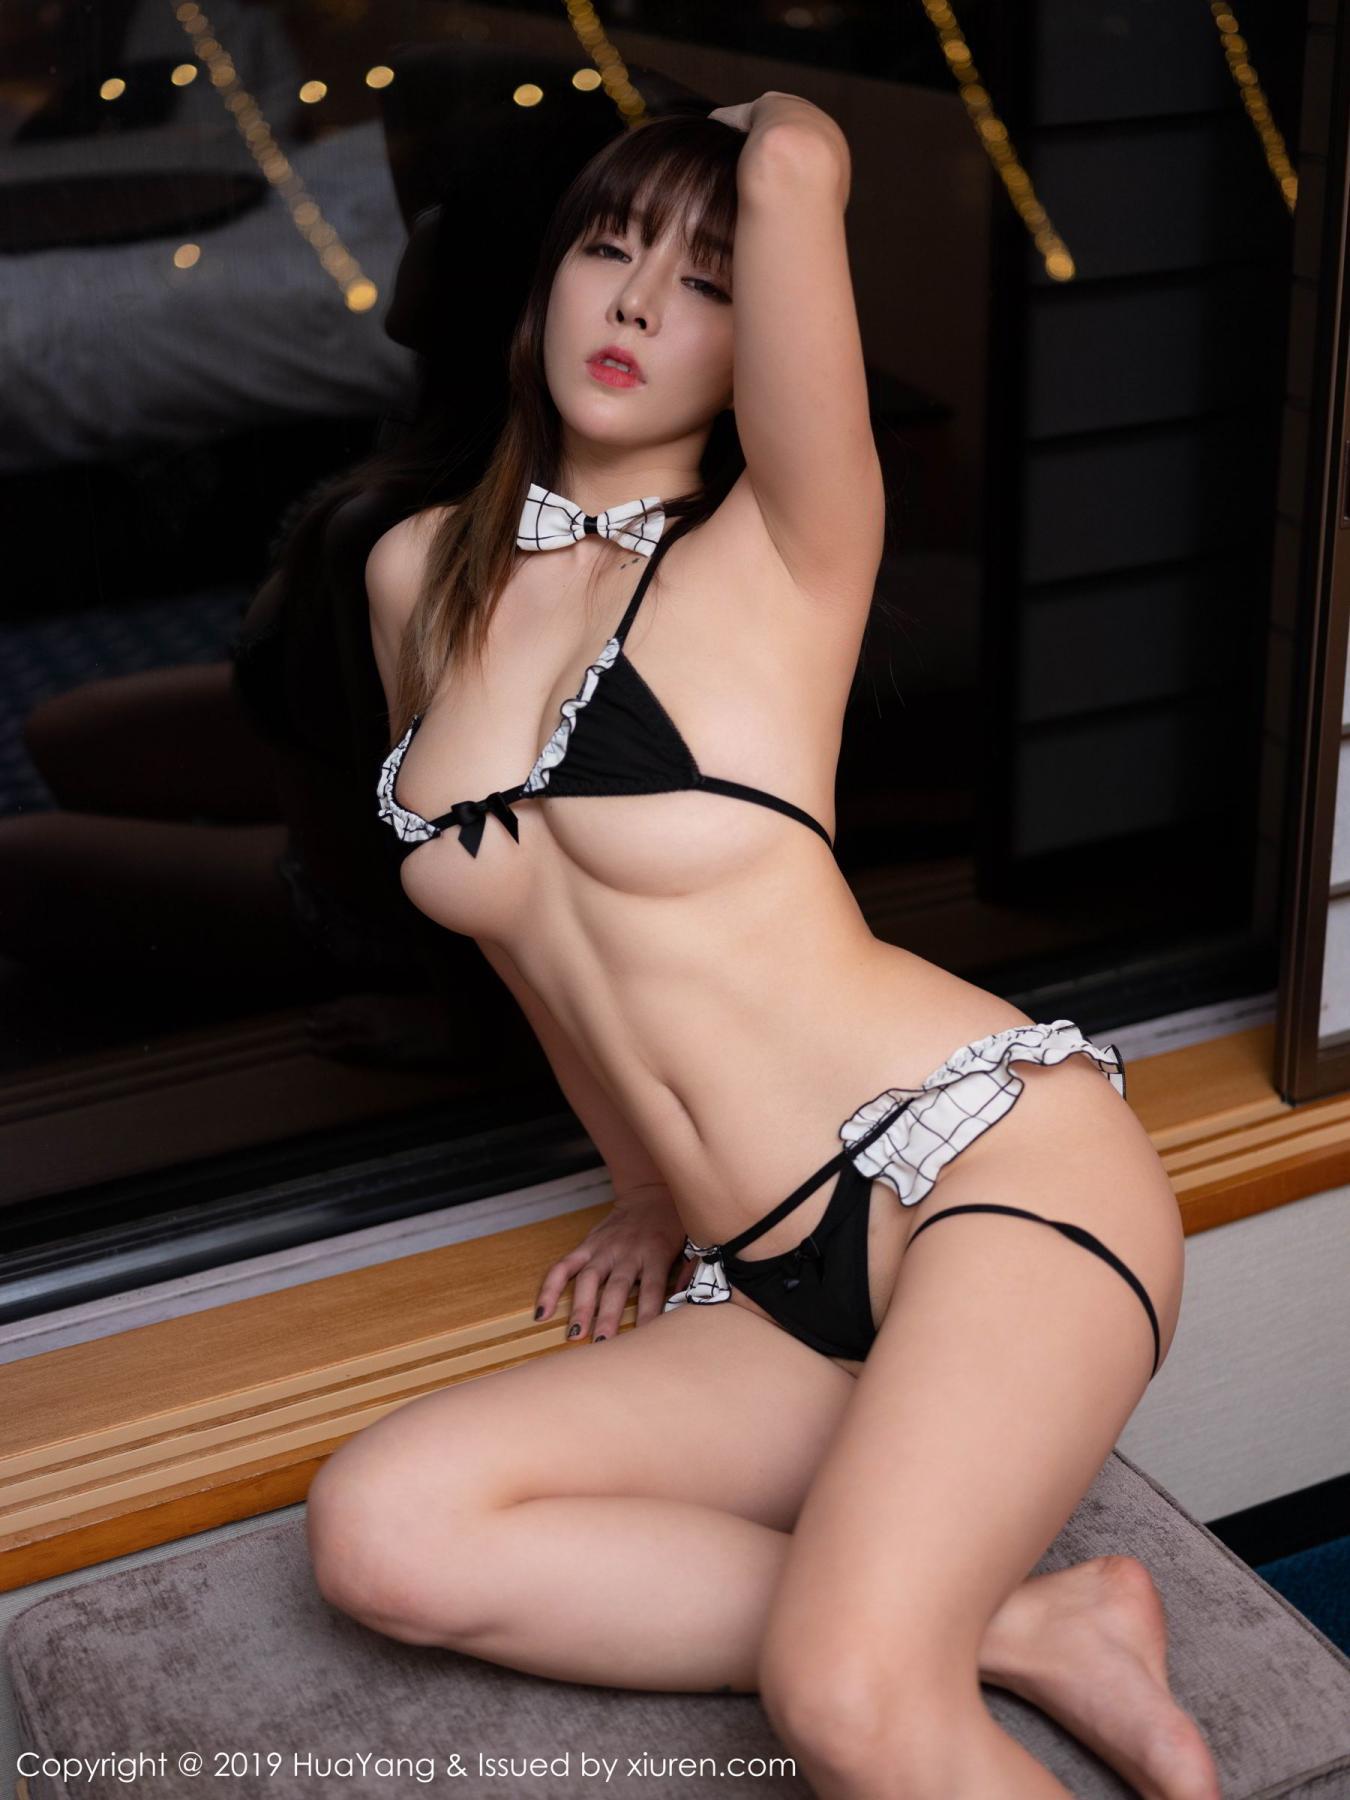 [Huayang] Vol.146 Wang Yu Chun 19P, HuaYang, Sexy, Underwear, Wang Yu Chun